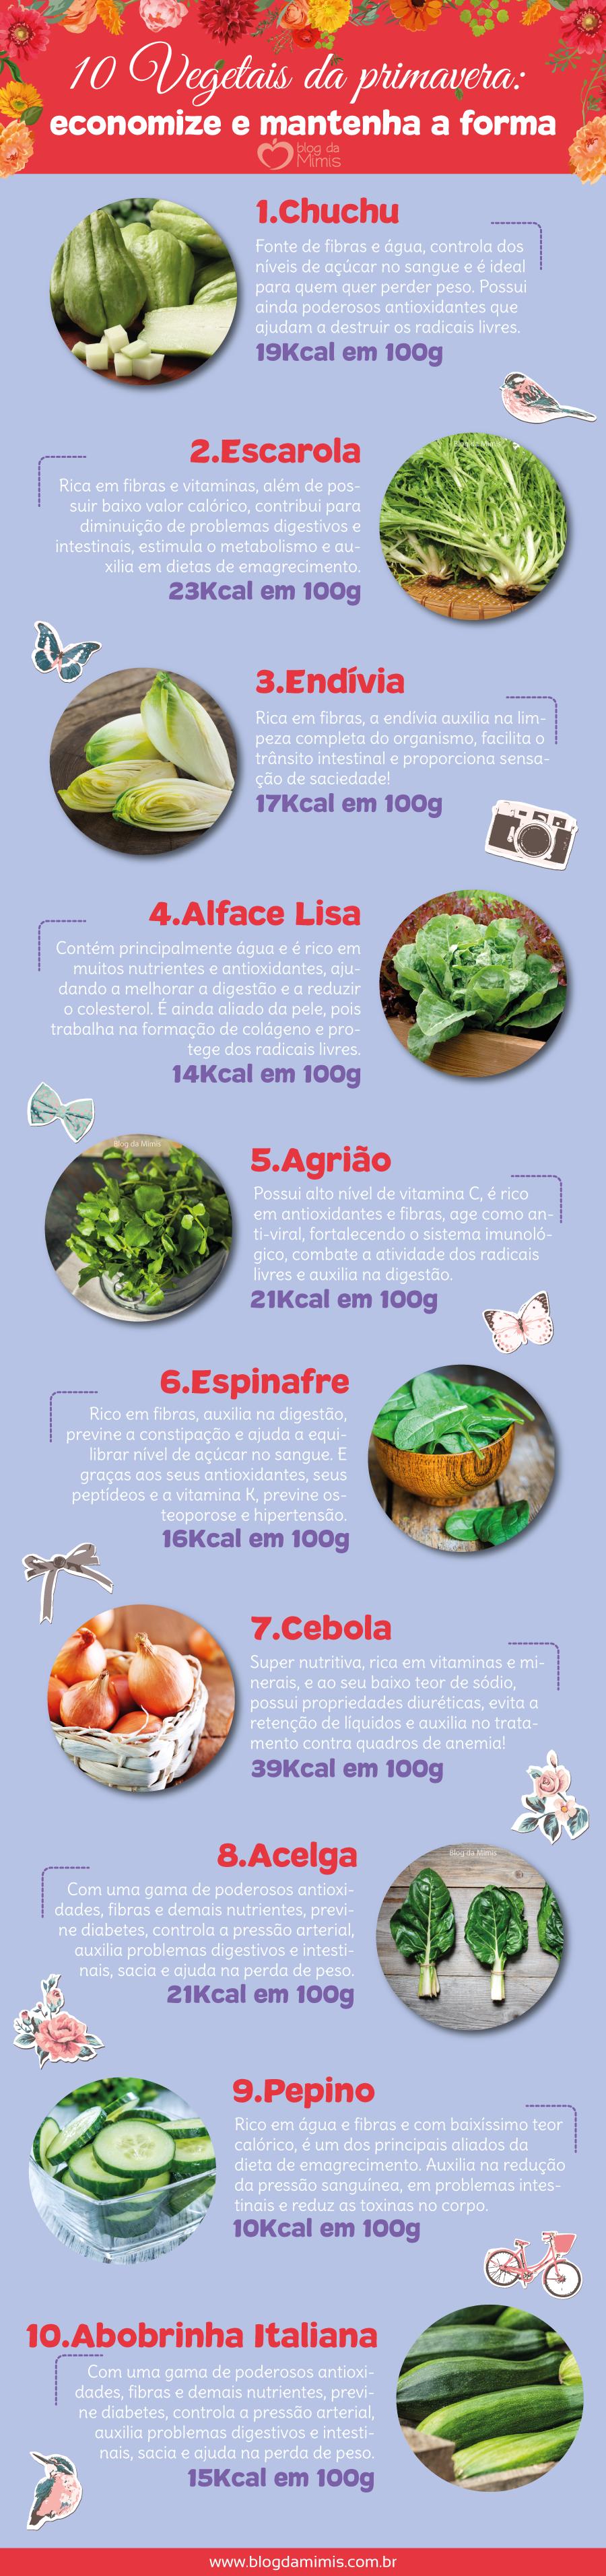 vegetais-primavera-blog-da-mimis-michelle-franzoni-post